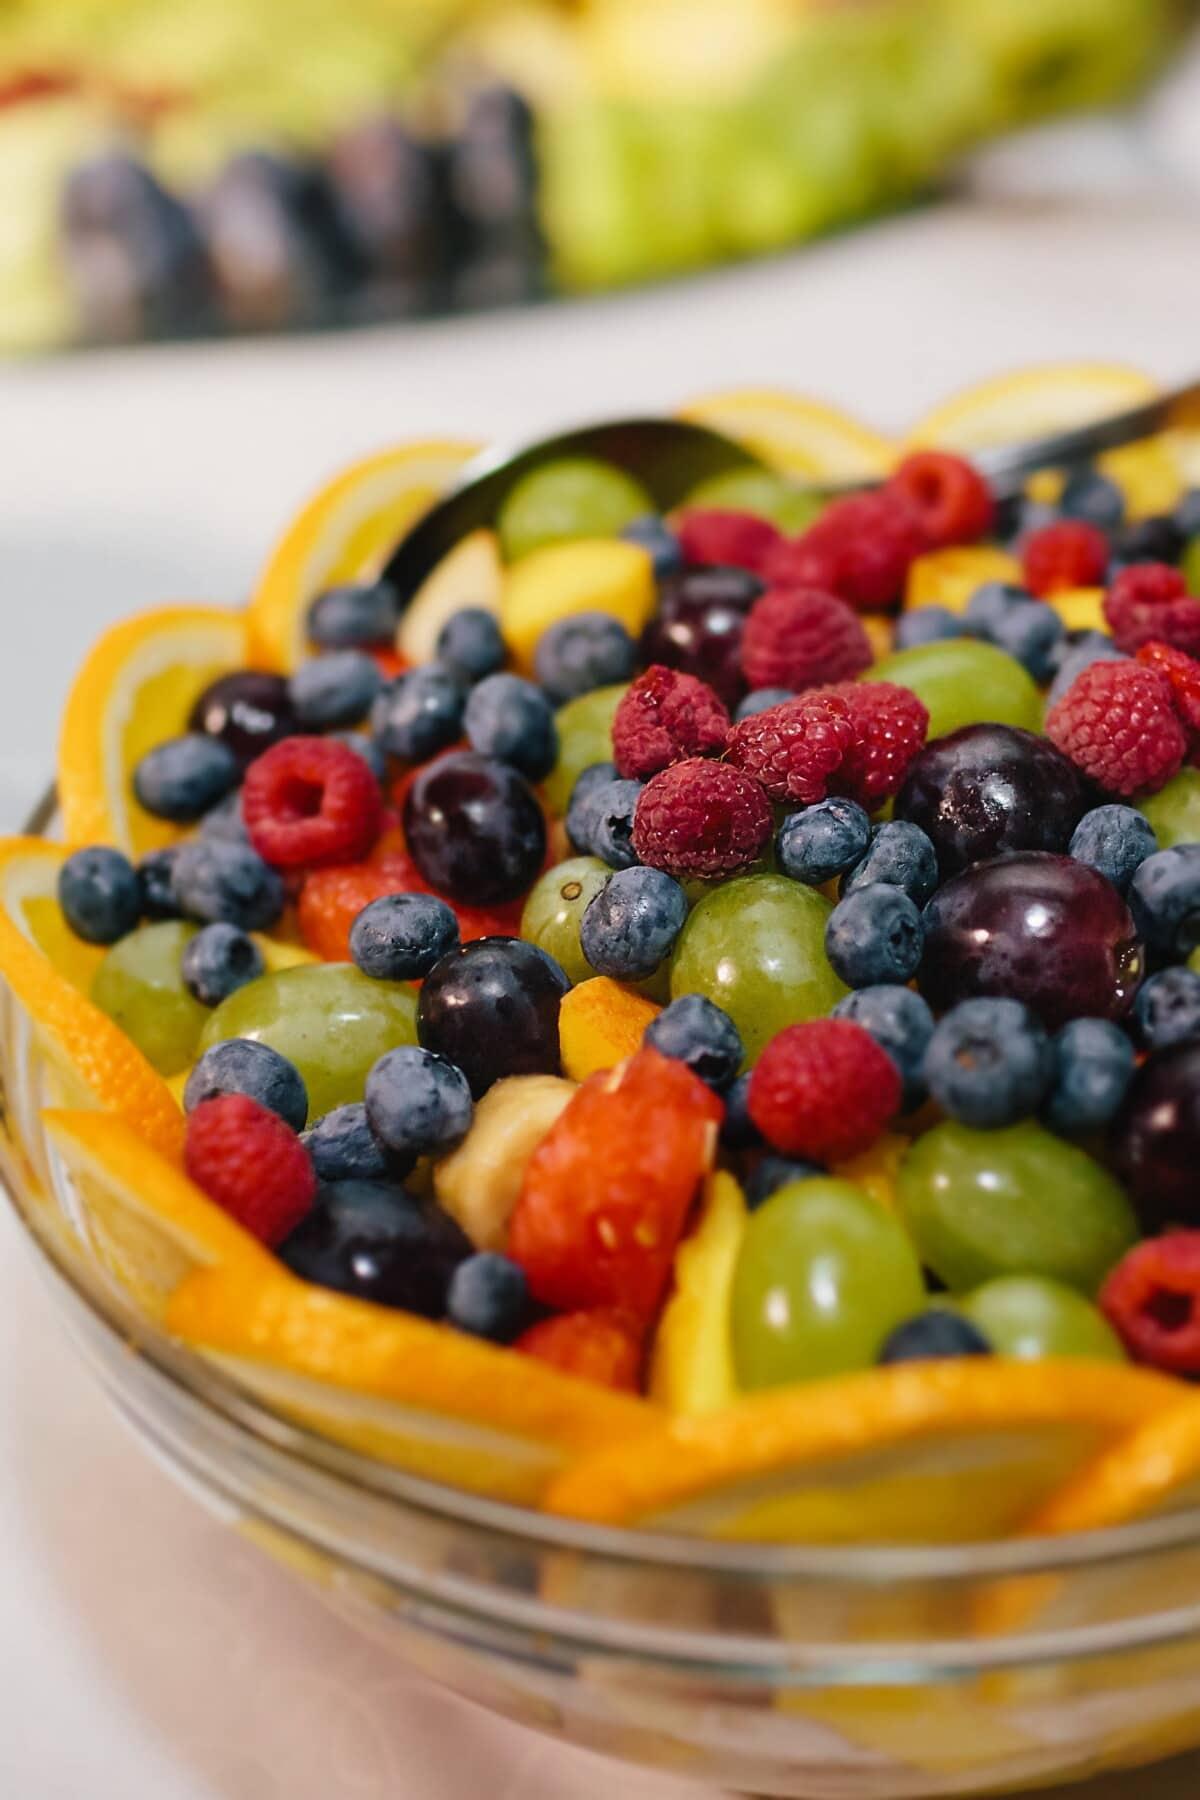 Obst, Beeren, Trauben, sehr lecker, Beere, Essen, süß, Heidelbeere, Gesundheit, Brombeere